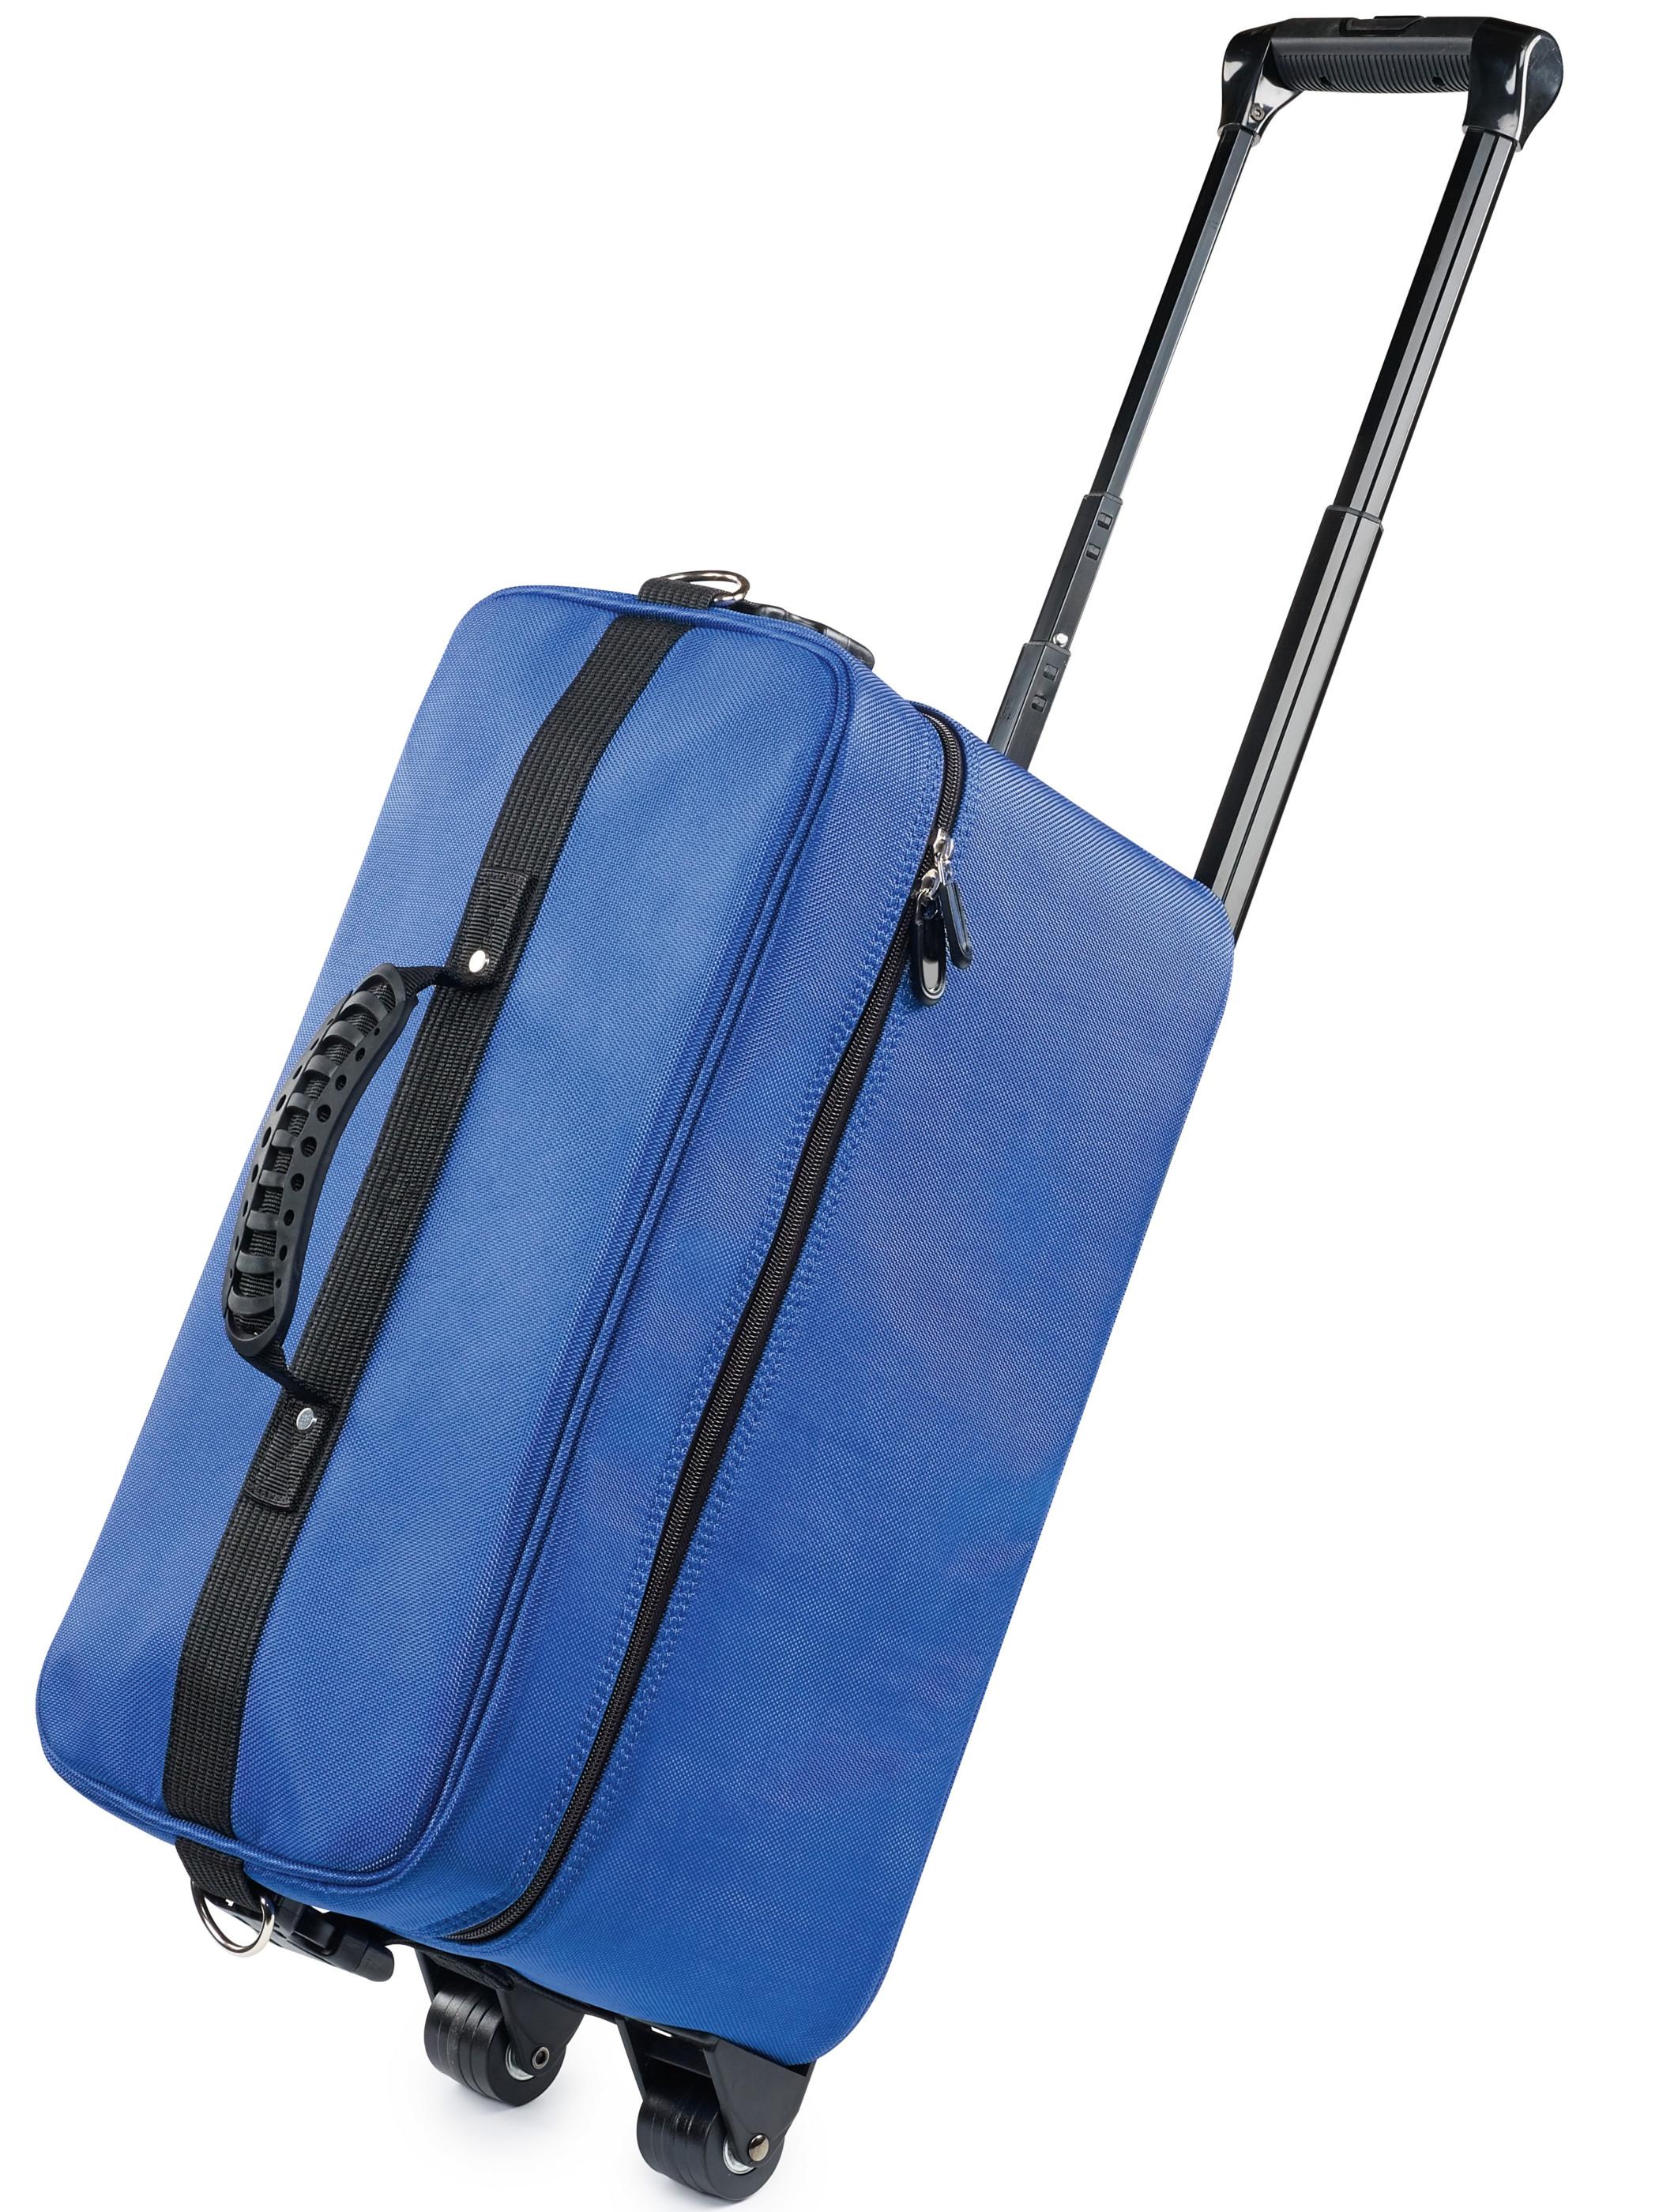 Kadeřnický kufr Sibel na kolečkách - modrý (6600582) + DÁREK ZDARMA